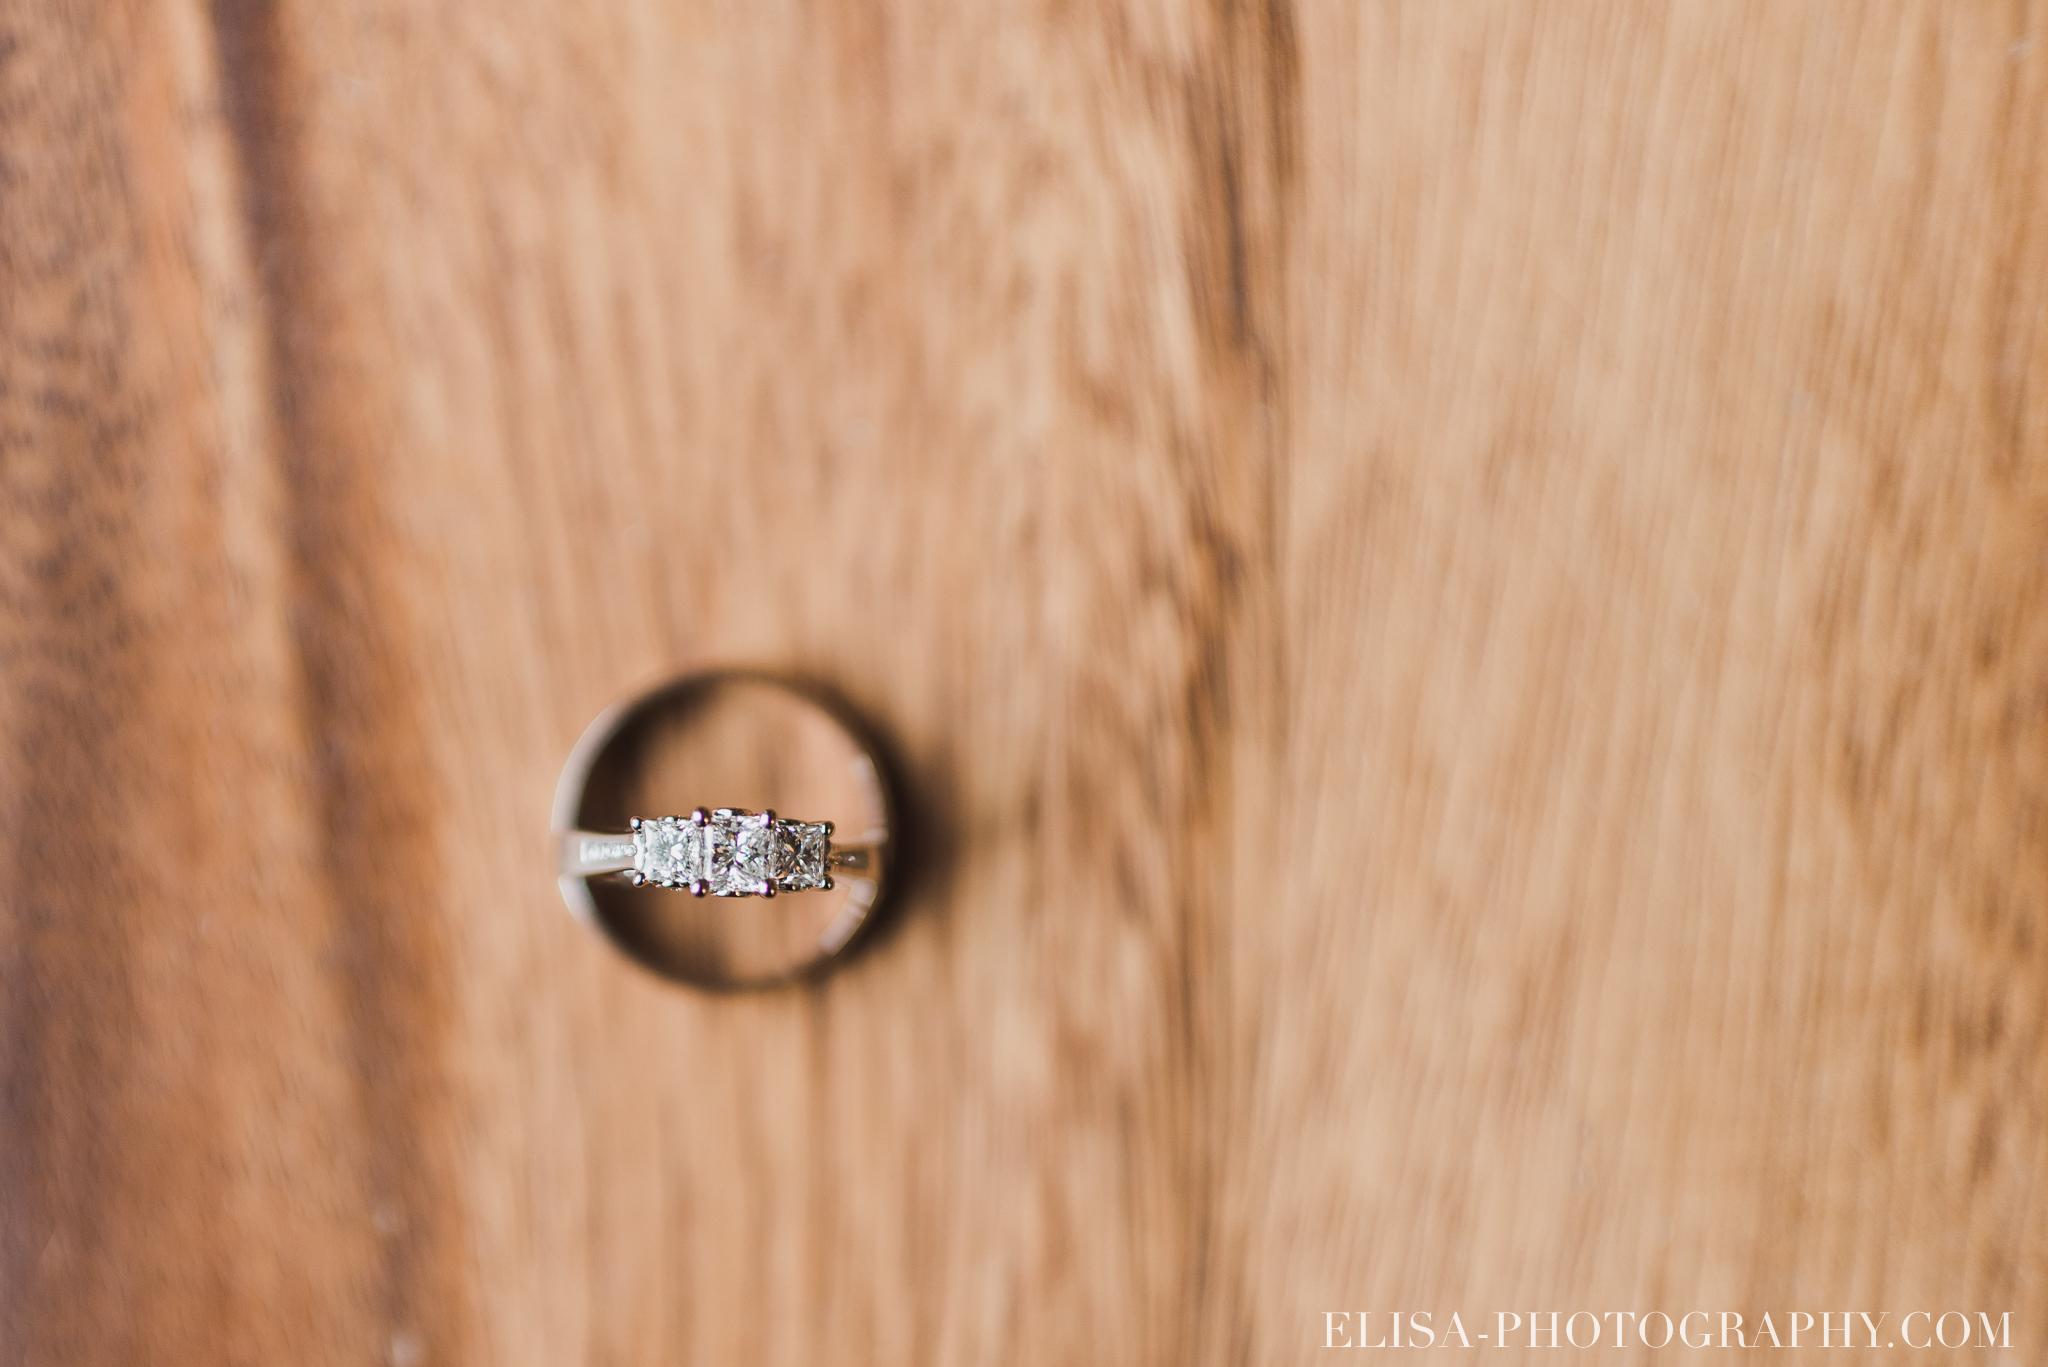 photo mariage quebec automne bague alliances 5215 - Mariage à saveur automnale à l'Espace Saint-Grégoire